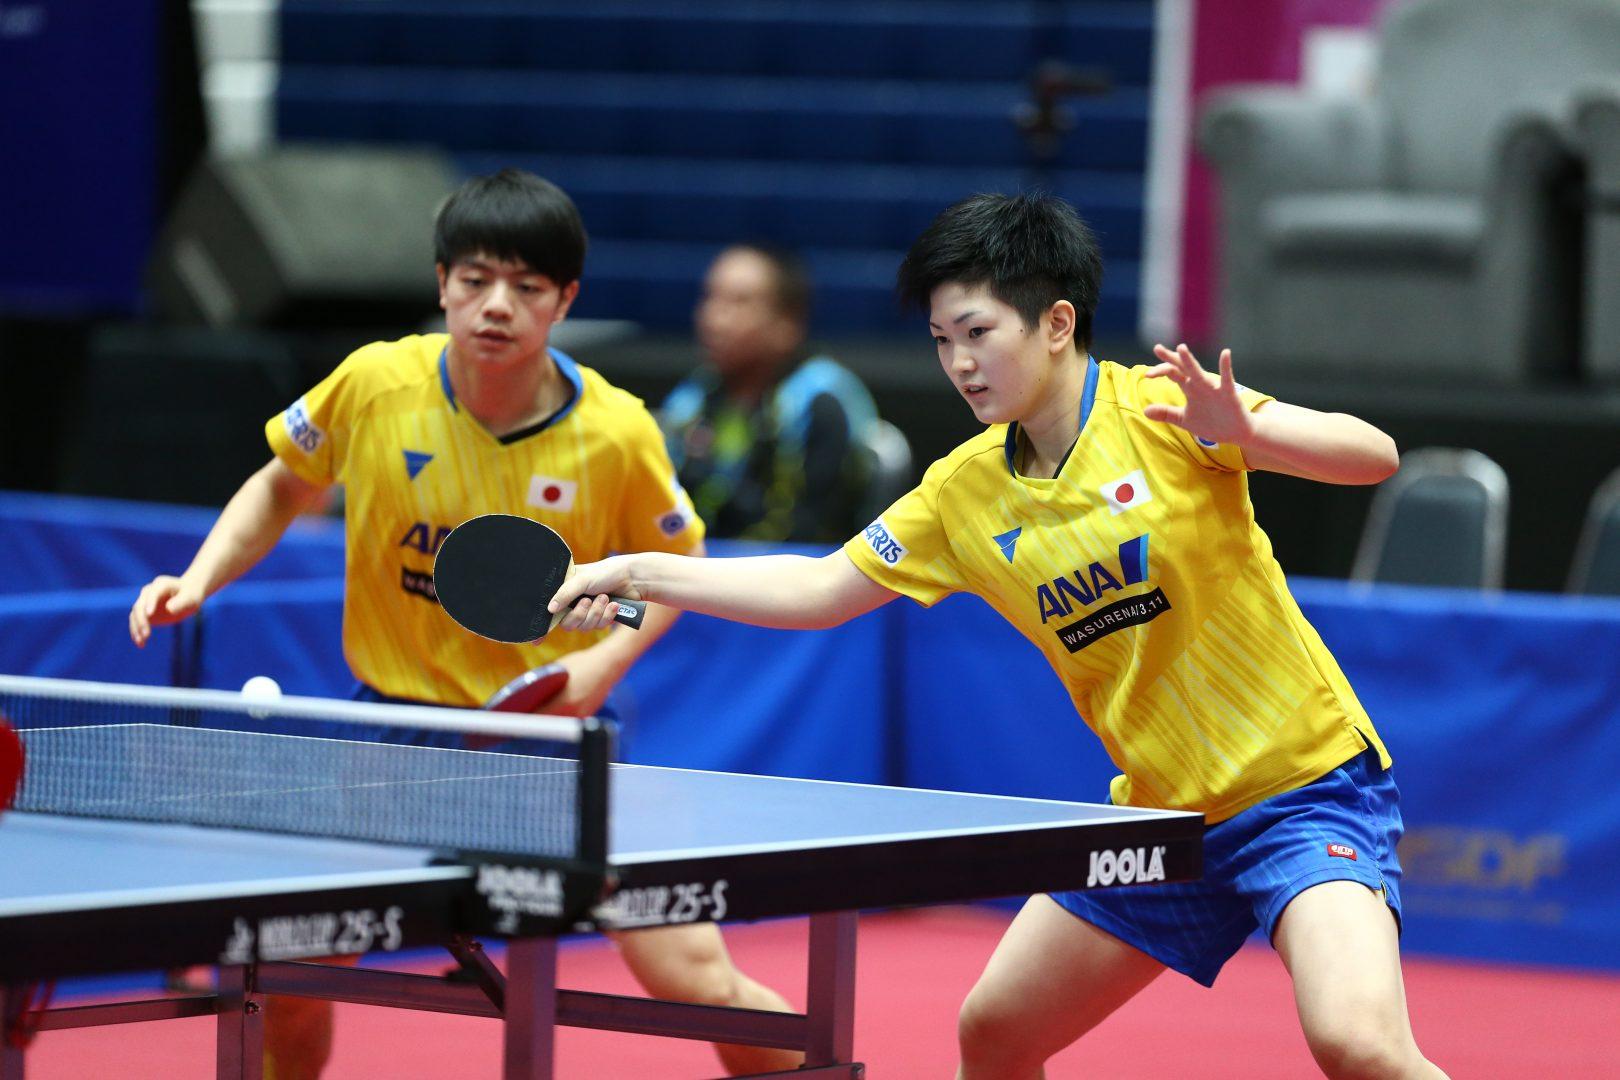 混合ダブルスで躍進する日本勢 8強入りなるか<世界ジュニア卓球選手権2019>